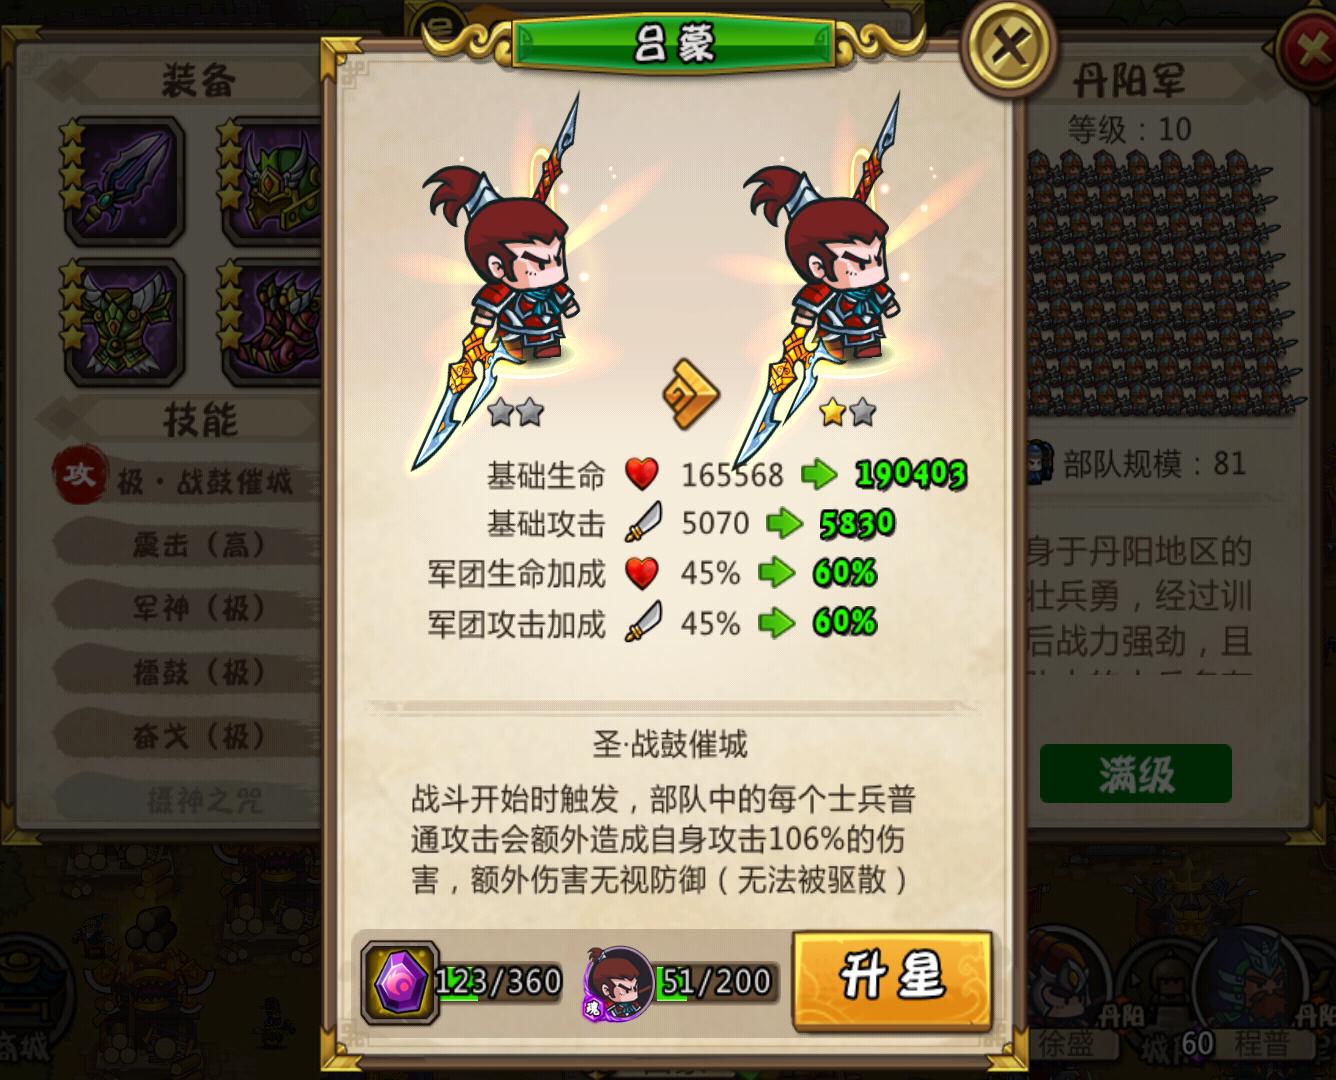 丹阳吕蒙63级橙一.png